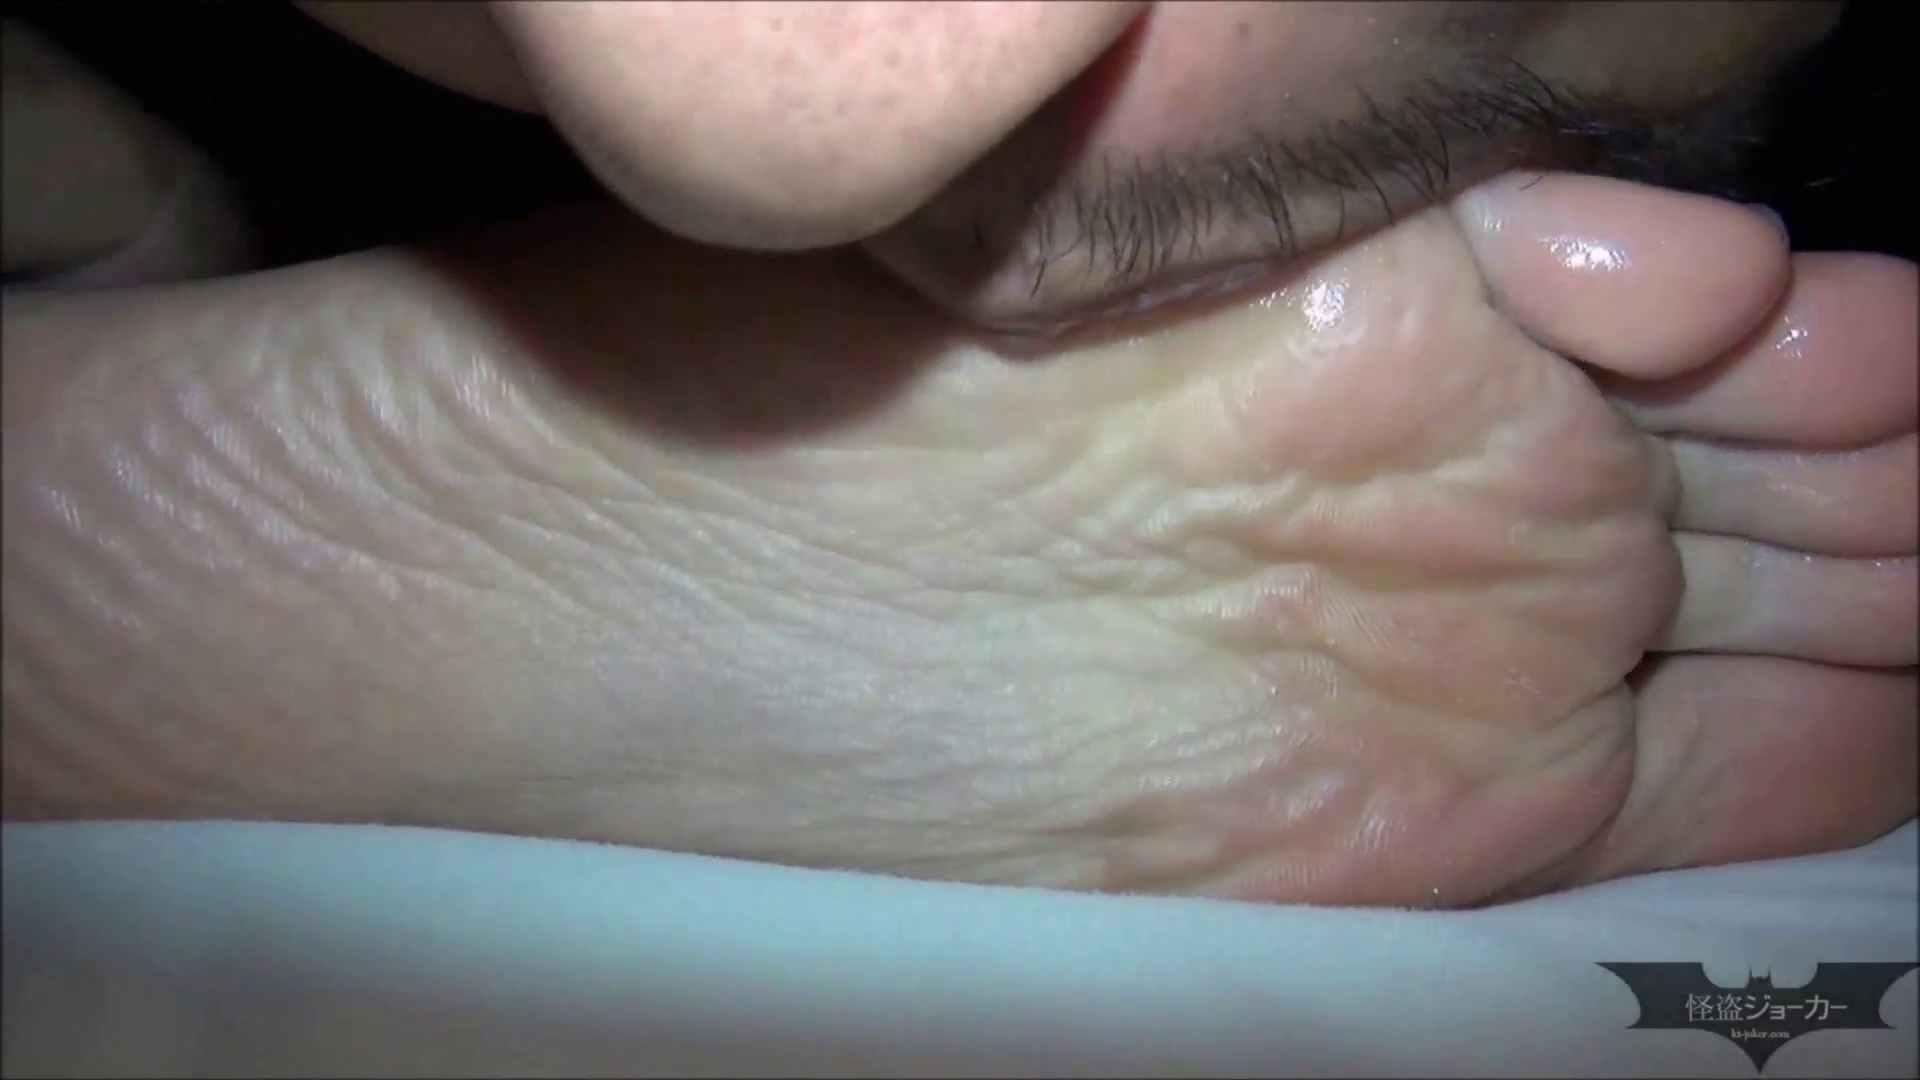 セックスアダルト動画|【未公開】vol.58【小春】私の子を孕んだ日・・・|怪盗ジョーカー